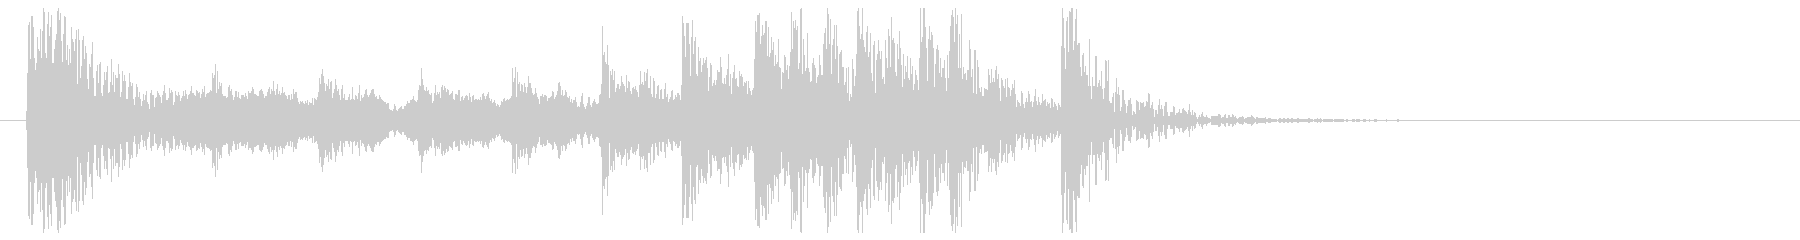 これぞ和風3(尺八、和太鼓)の未再生の波形